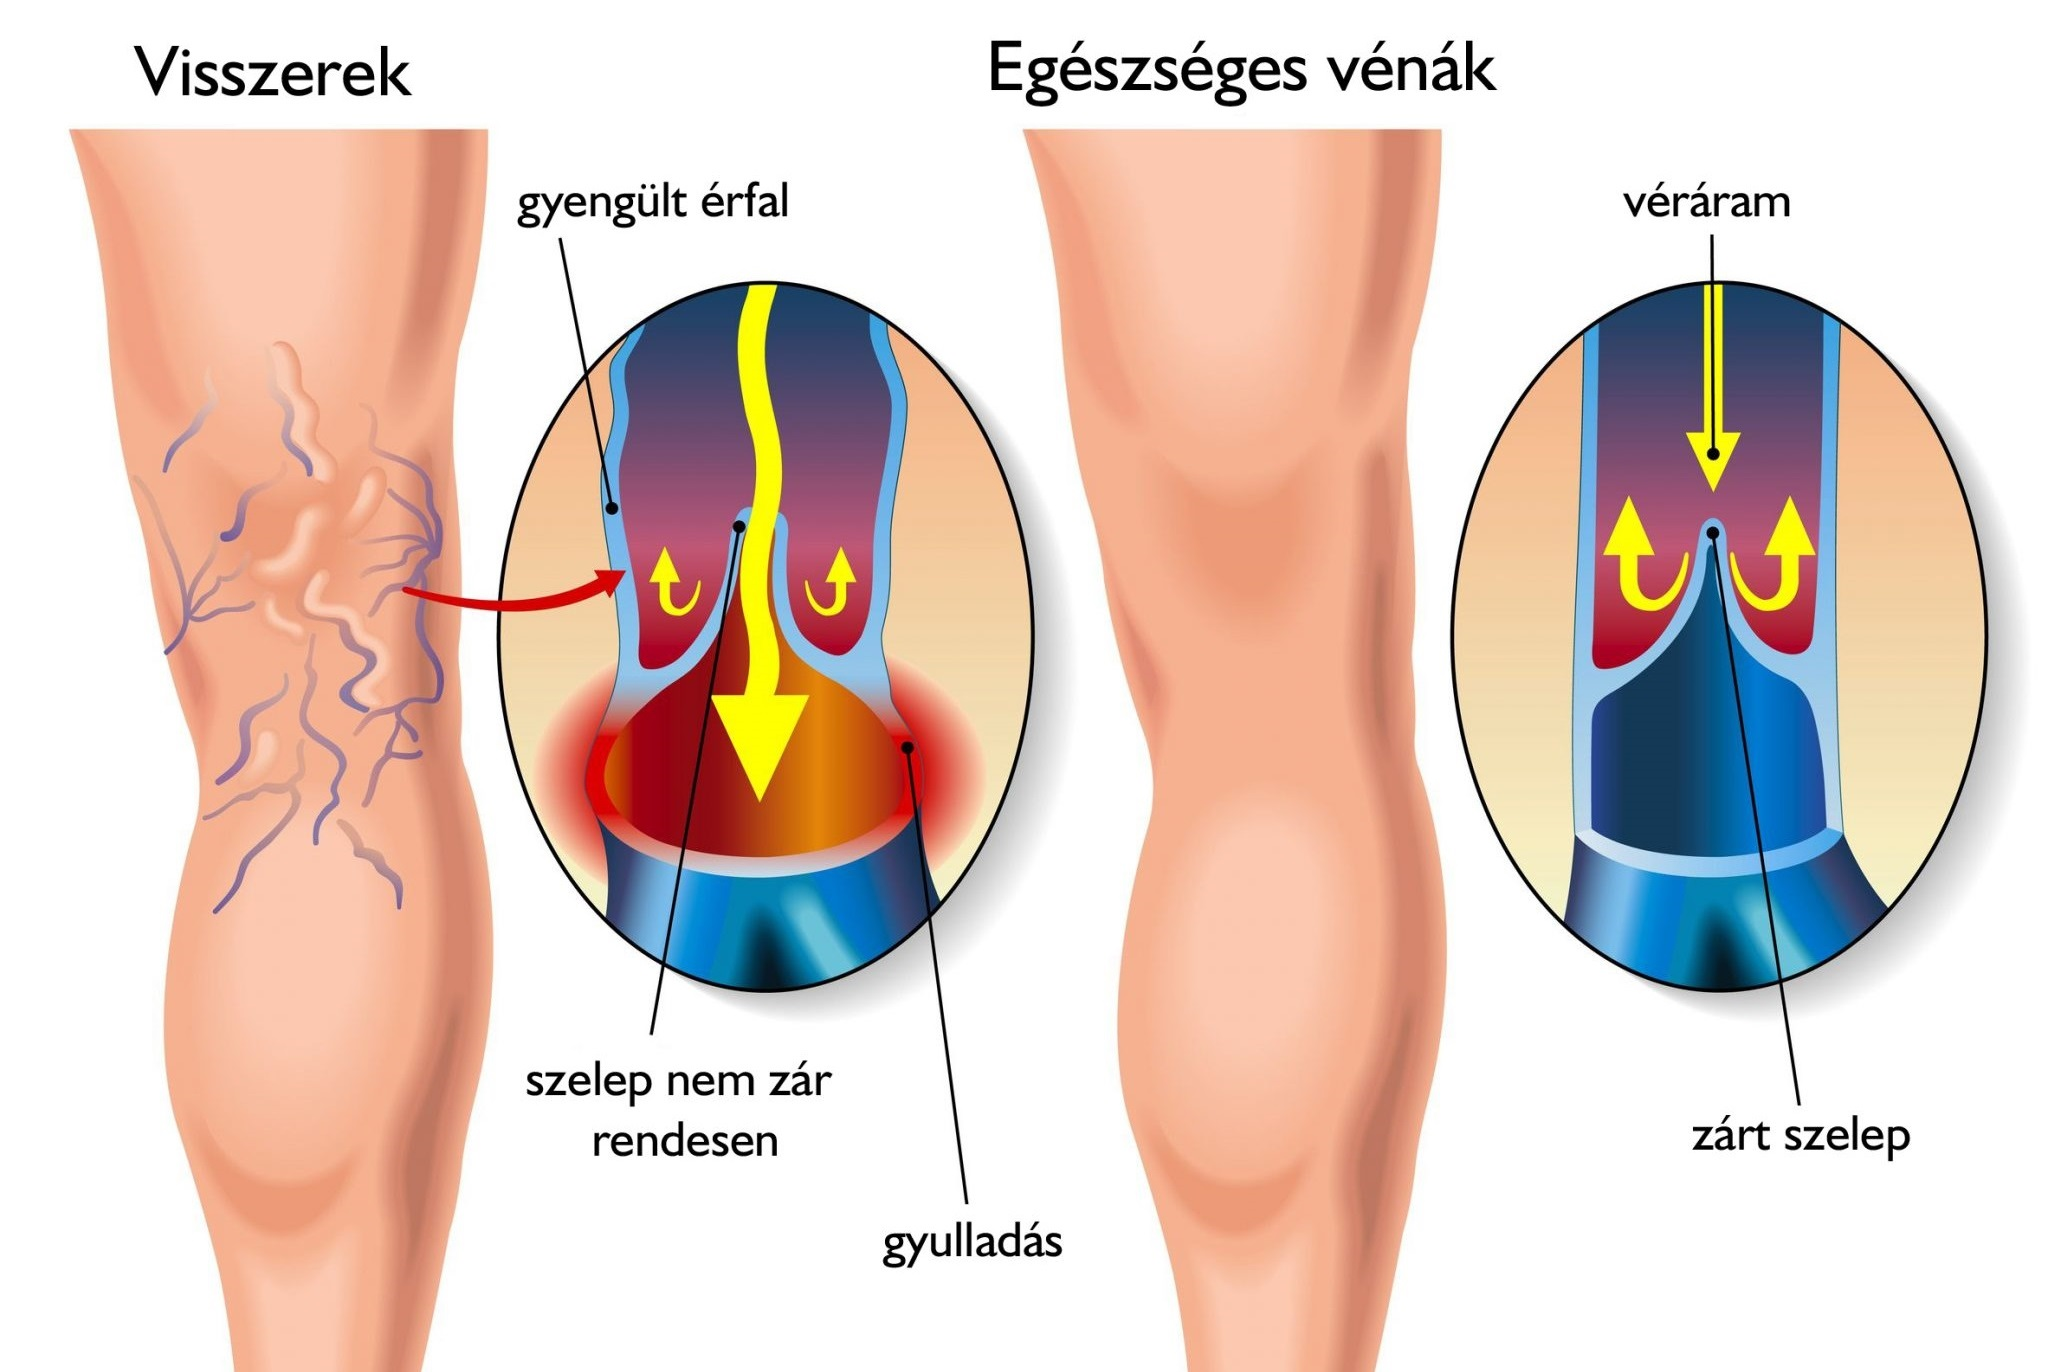 Lézeres visszérműtét (egyoldali) – Kardirex Egynapos Sebészeti Centrum